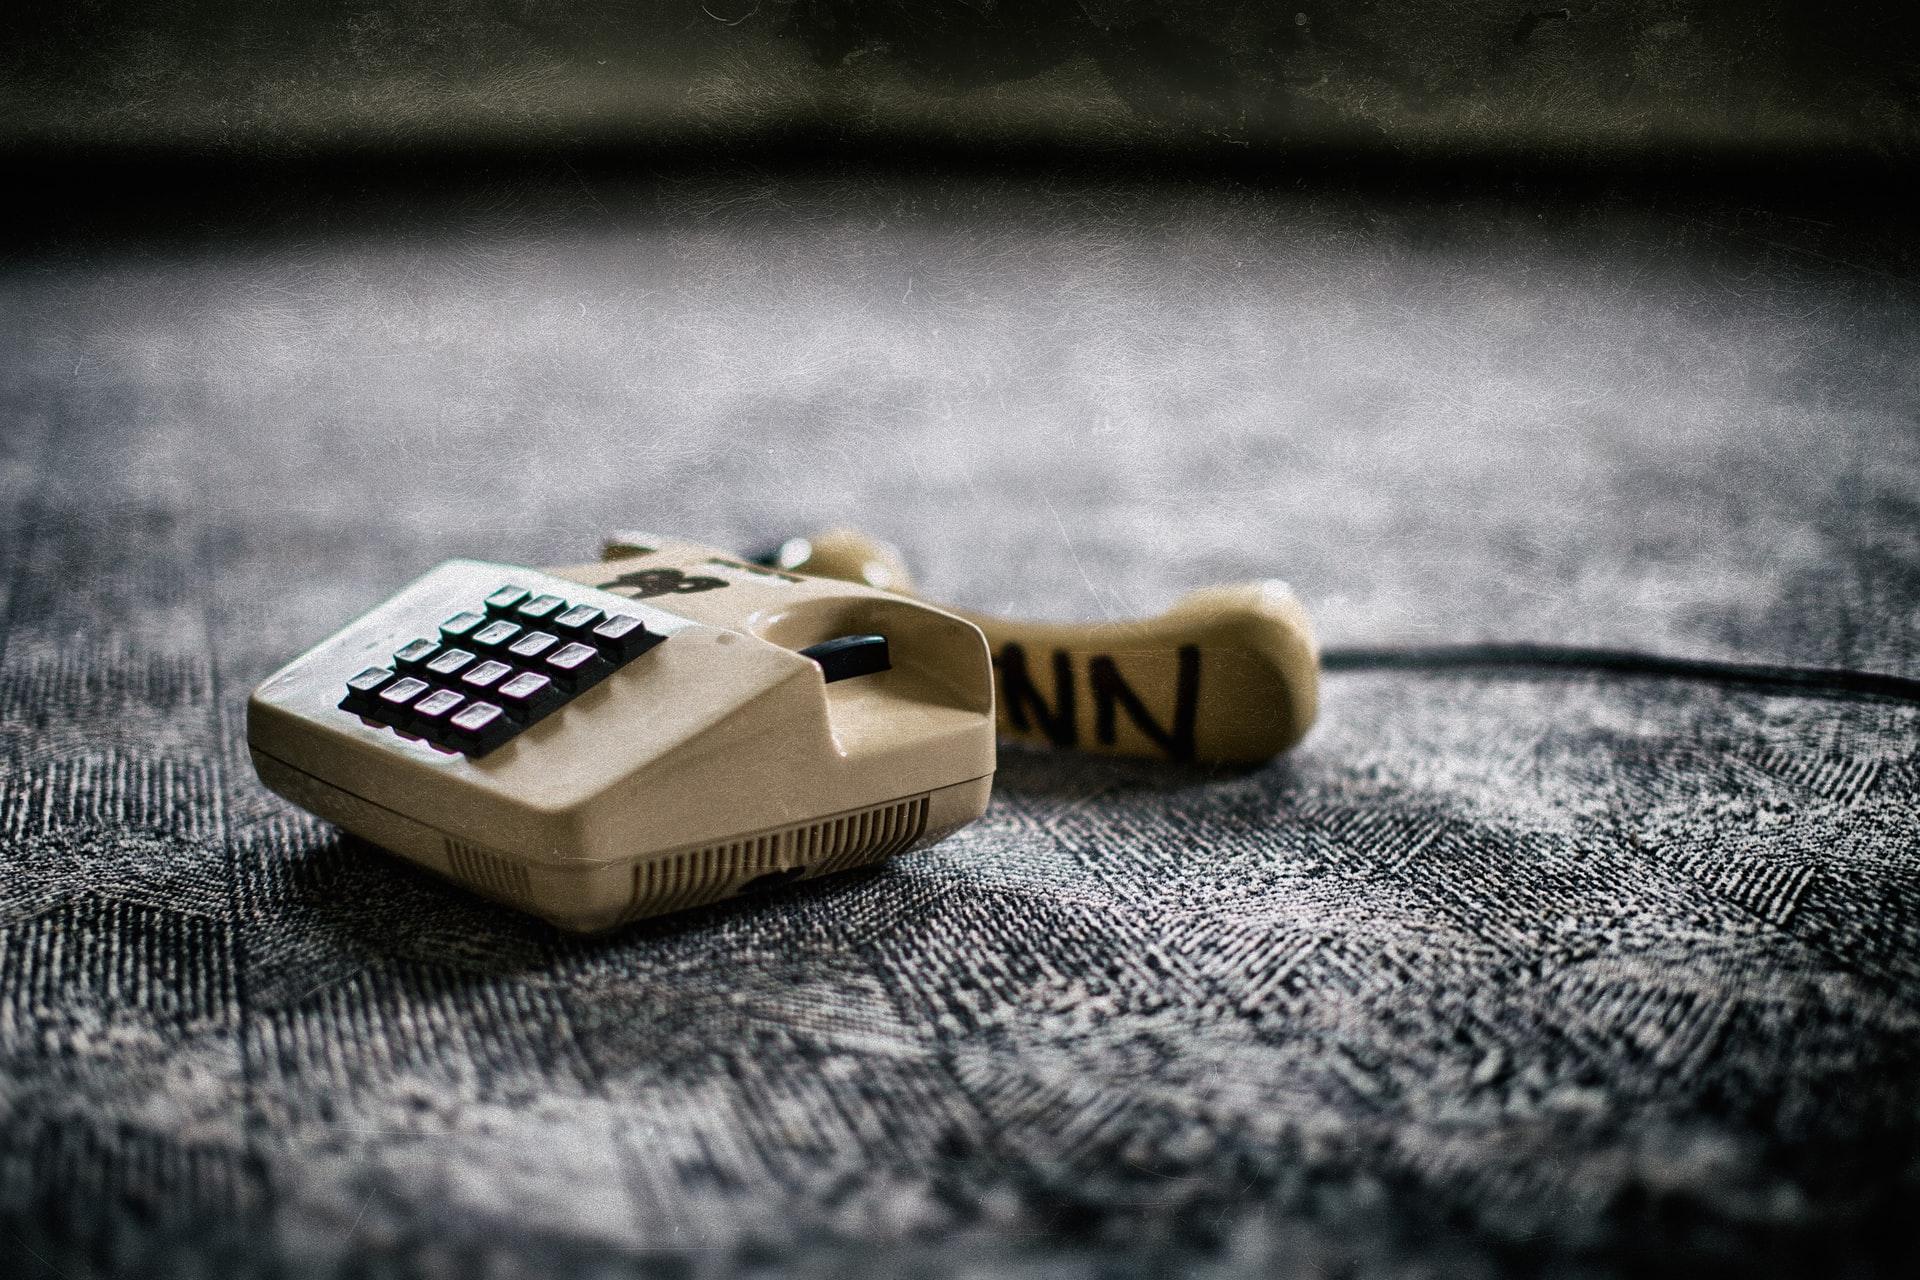 interruzione della linea telefonica